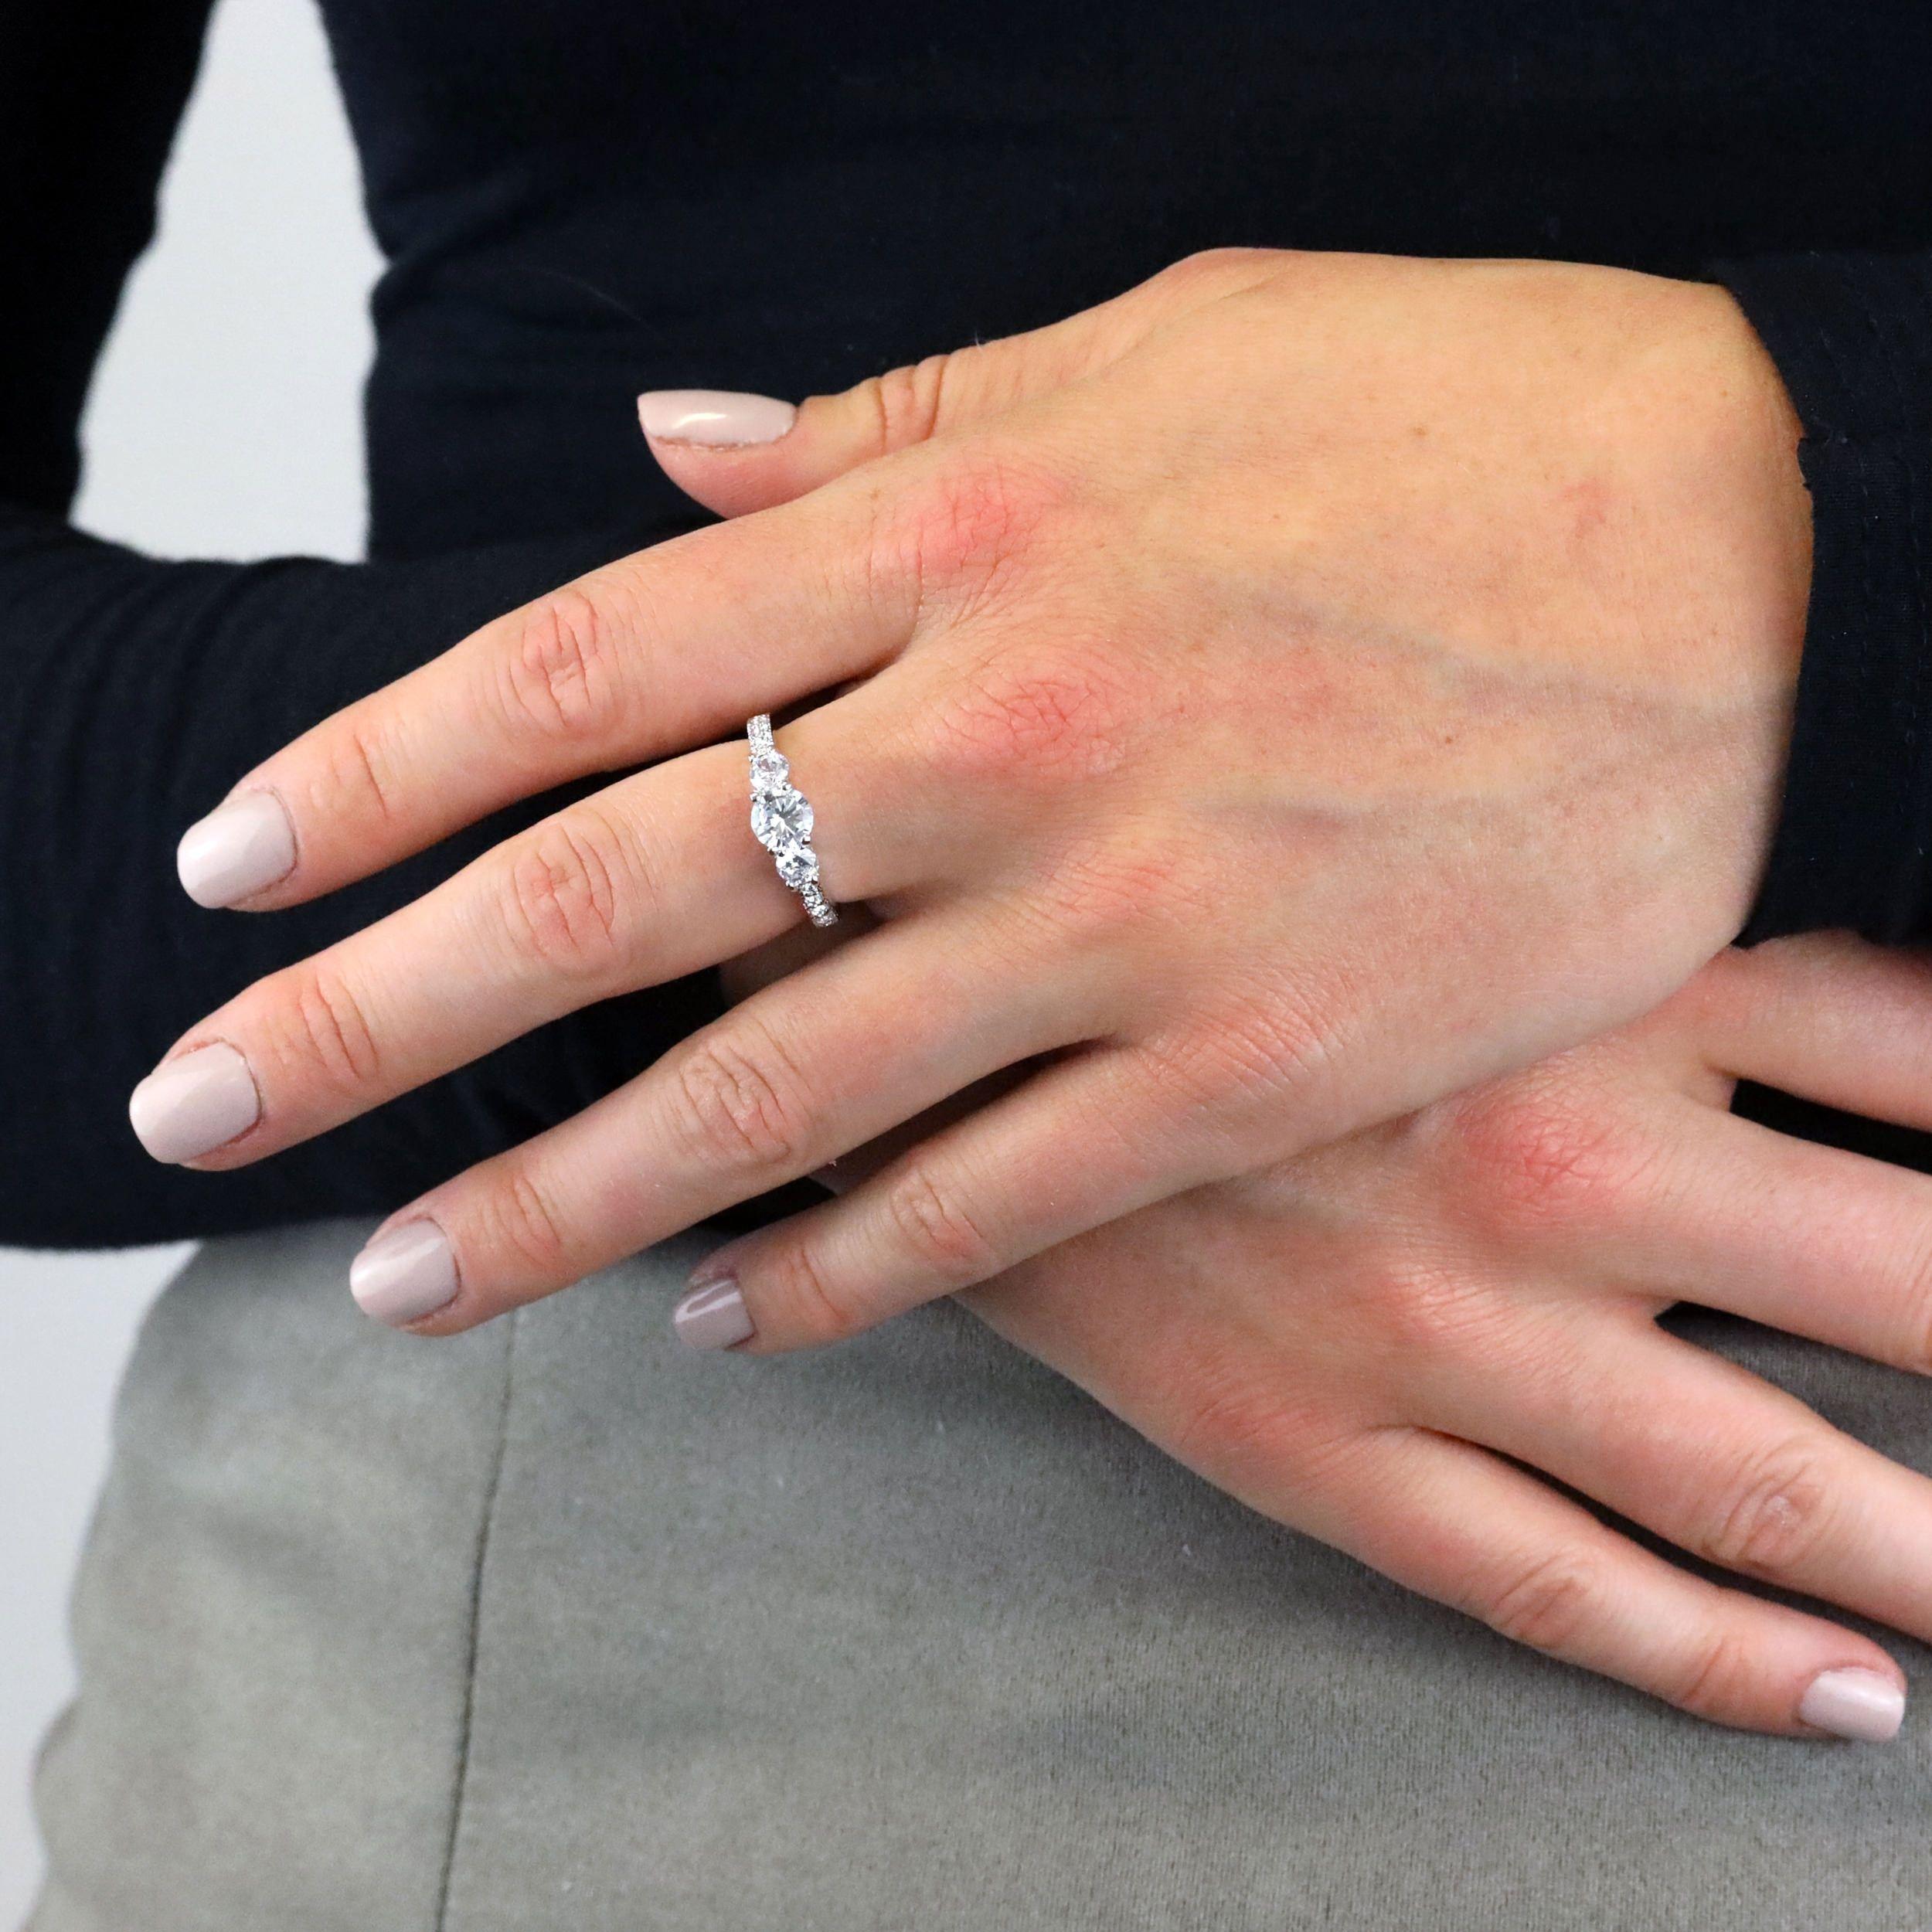 Buckley London Rhodium Plated Brilliant-Cut Trilogy Ring